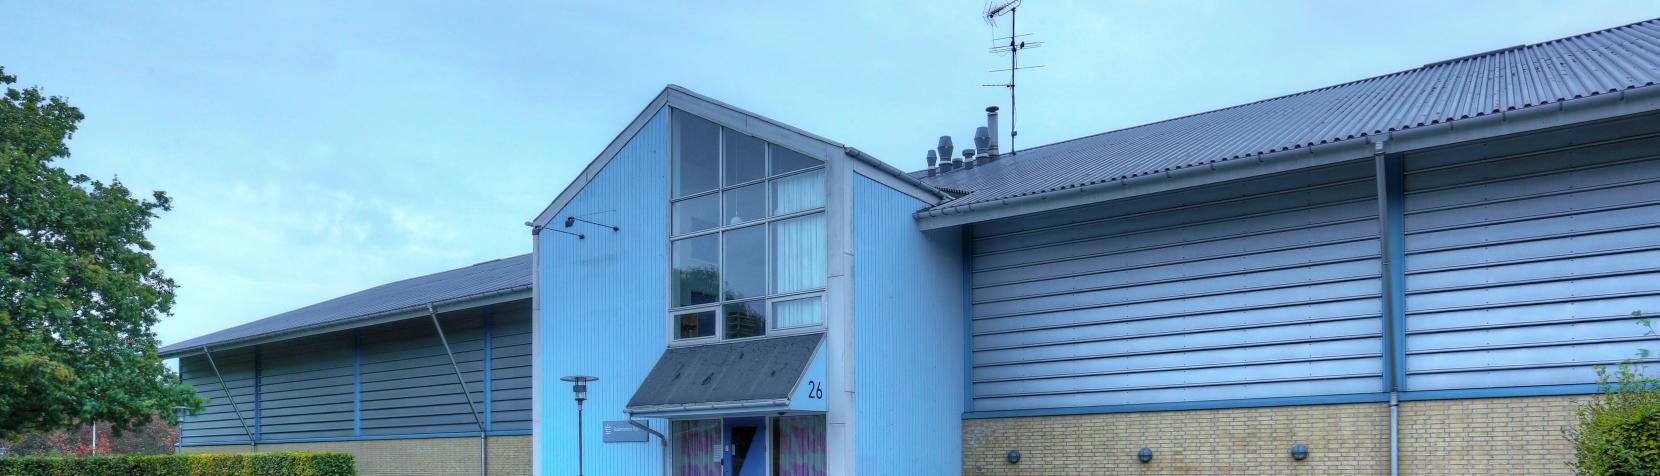 Foto: Birkerød Badmintonhal - udendørs